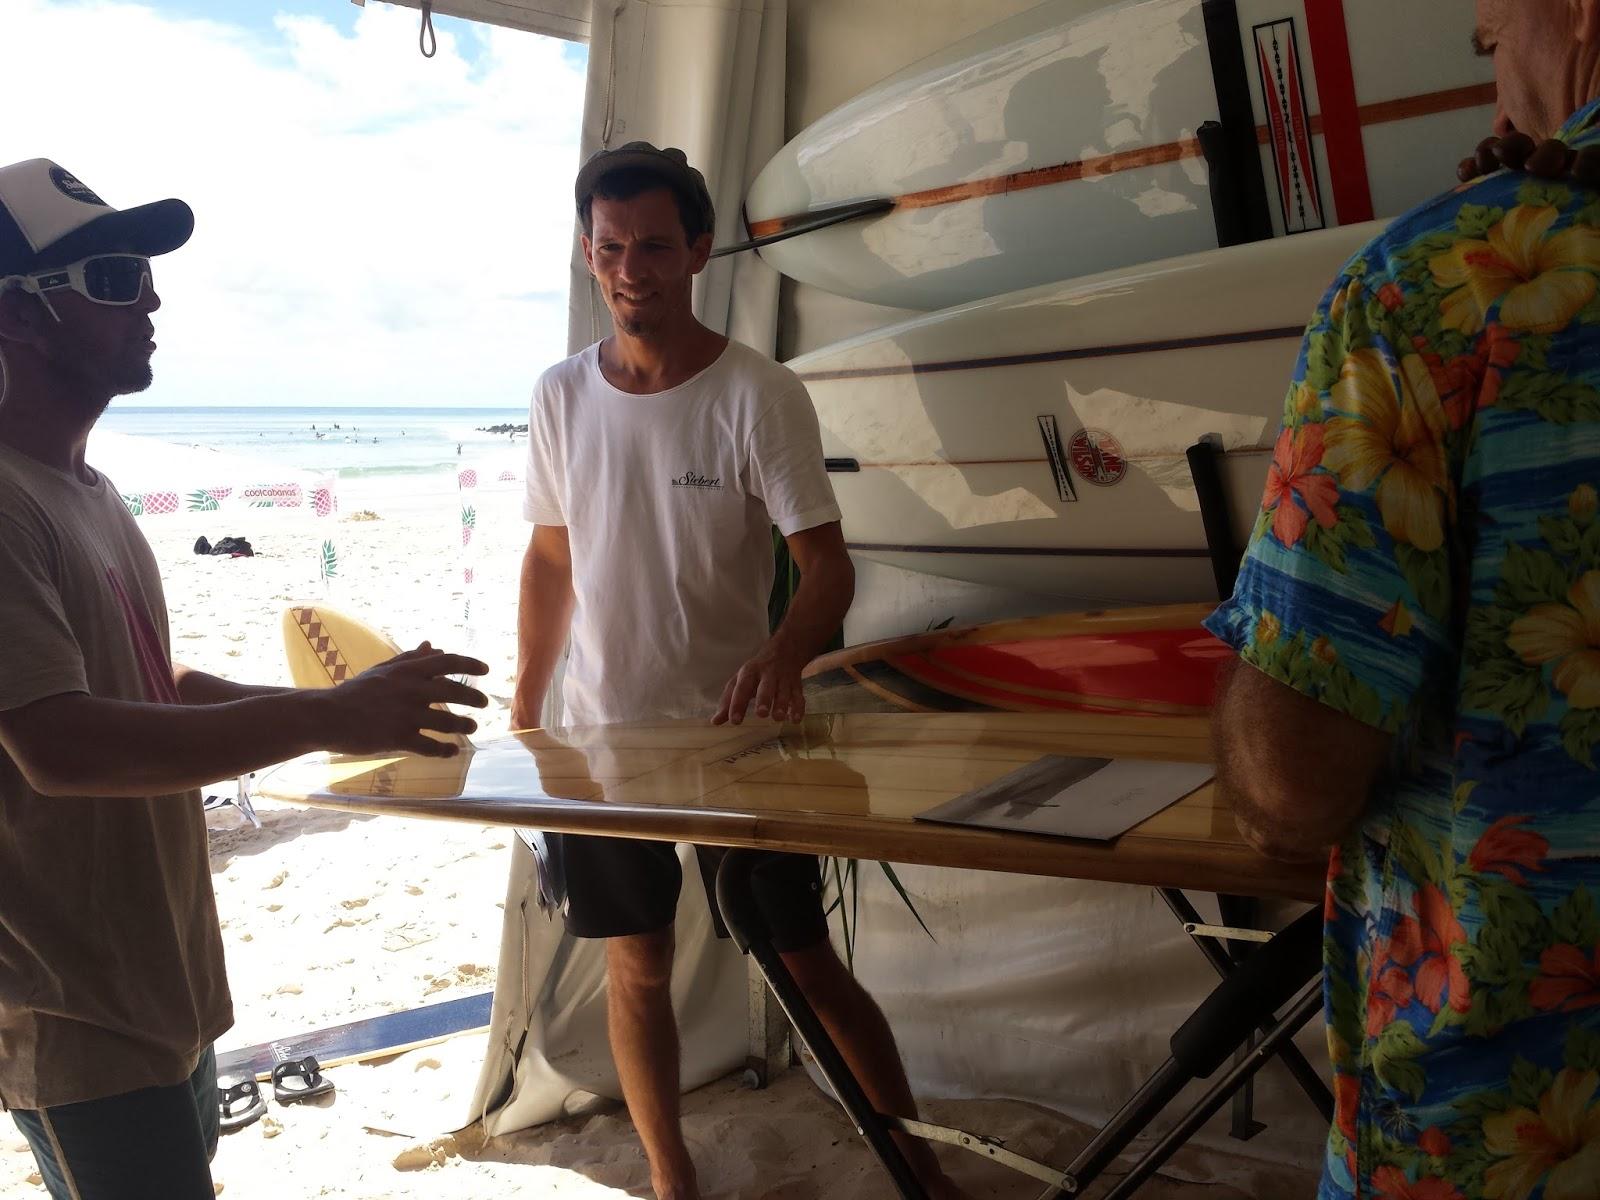 09-03-2016-australia-siebert-surboards-07